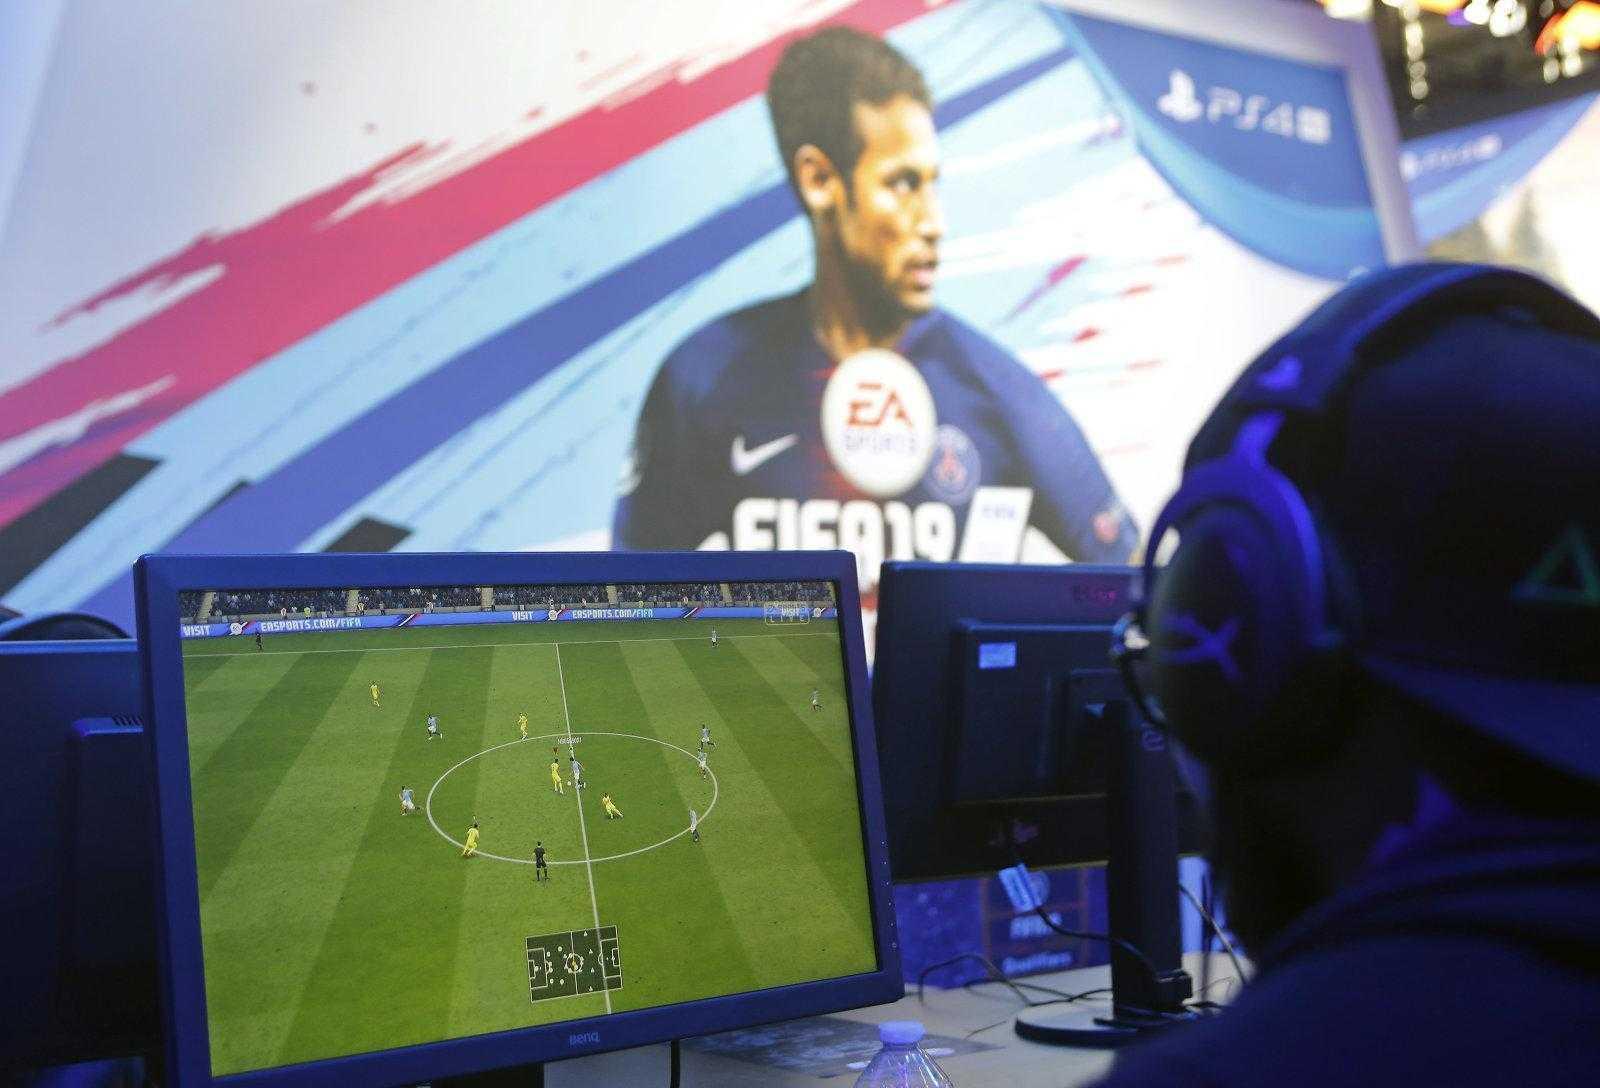 Бельгия запретила лутбоксы в FIFA (dims 8)